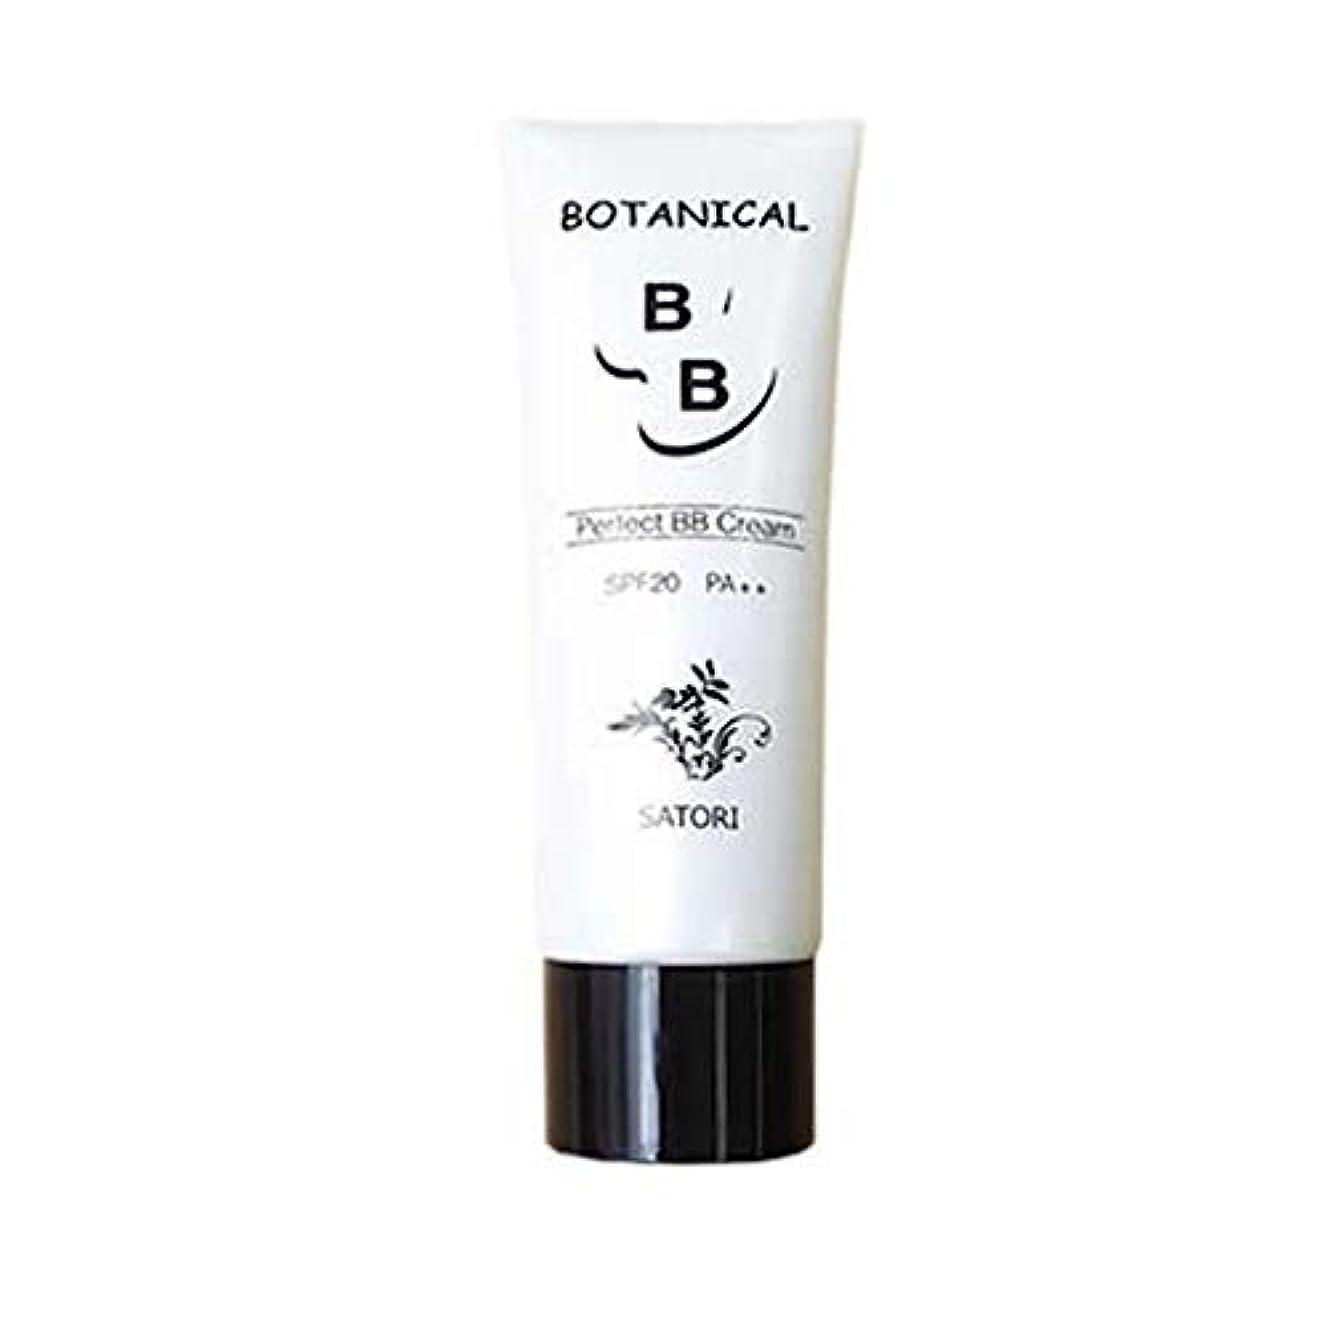 怪しい元気な思い出させるSATORI ボタニカル BBパーフェクトクリーム 50g